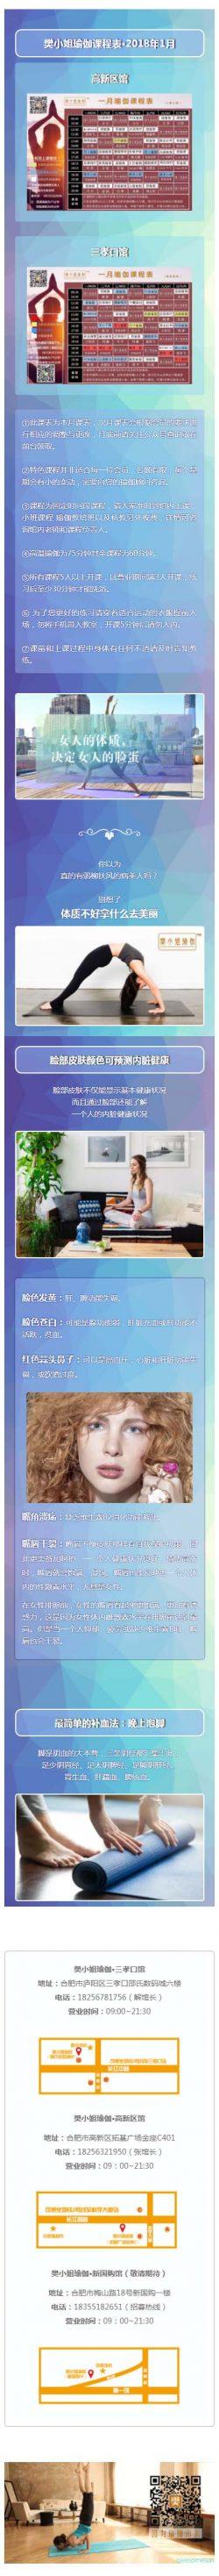 瑜伽课程表背景图蓝色模板